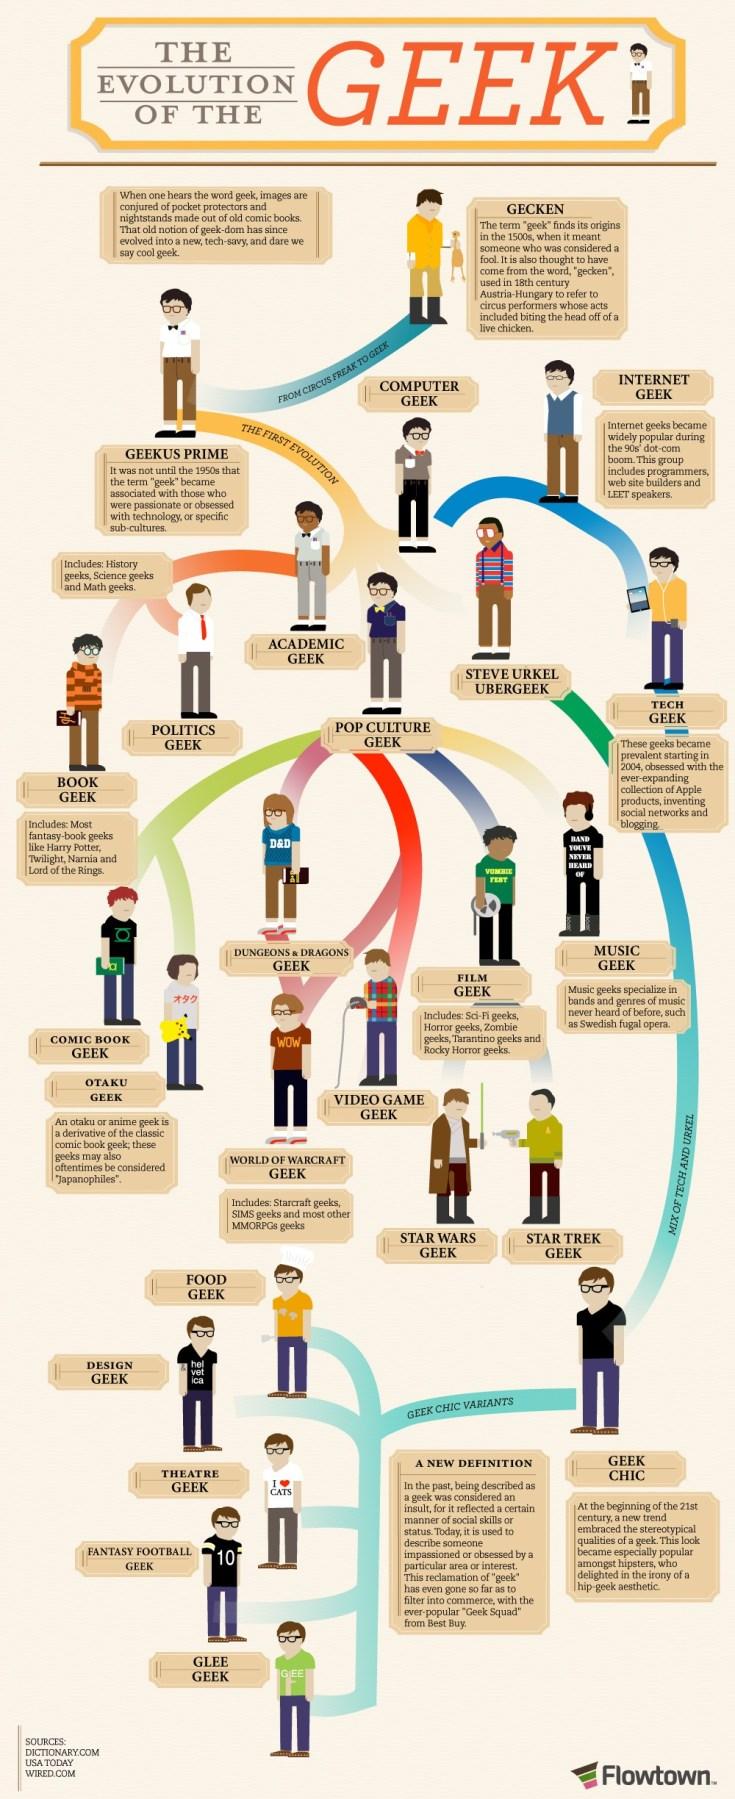 geek types, geeks, geek